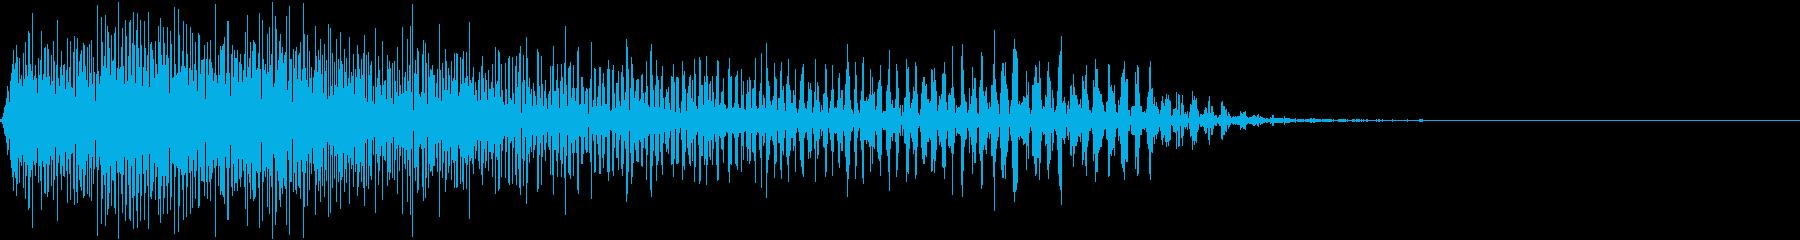 パワーダウンストップの再生済みの波形